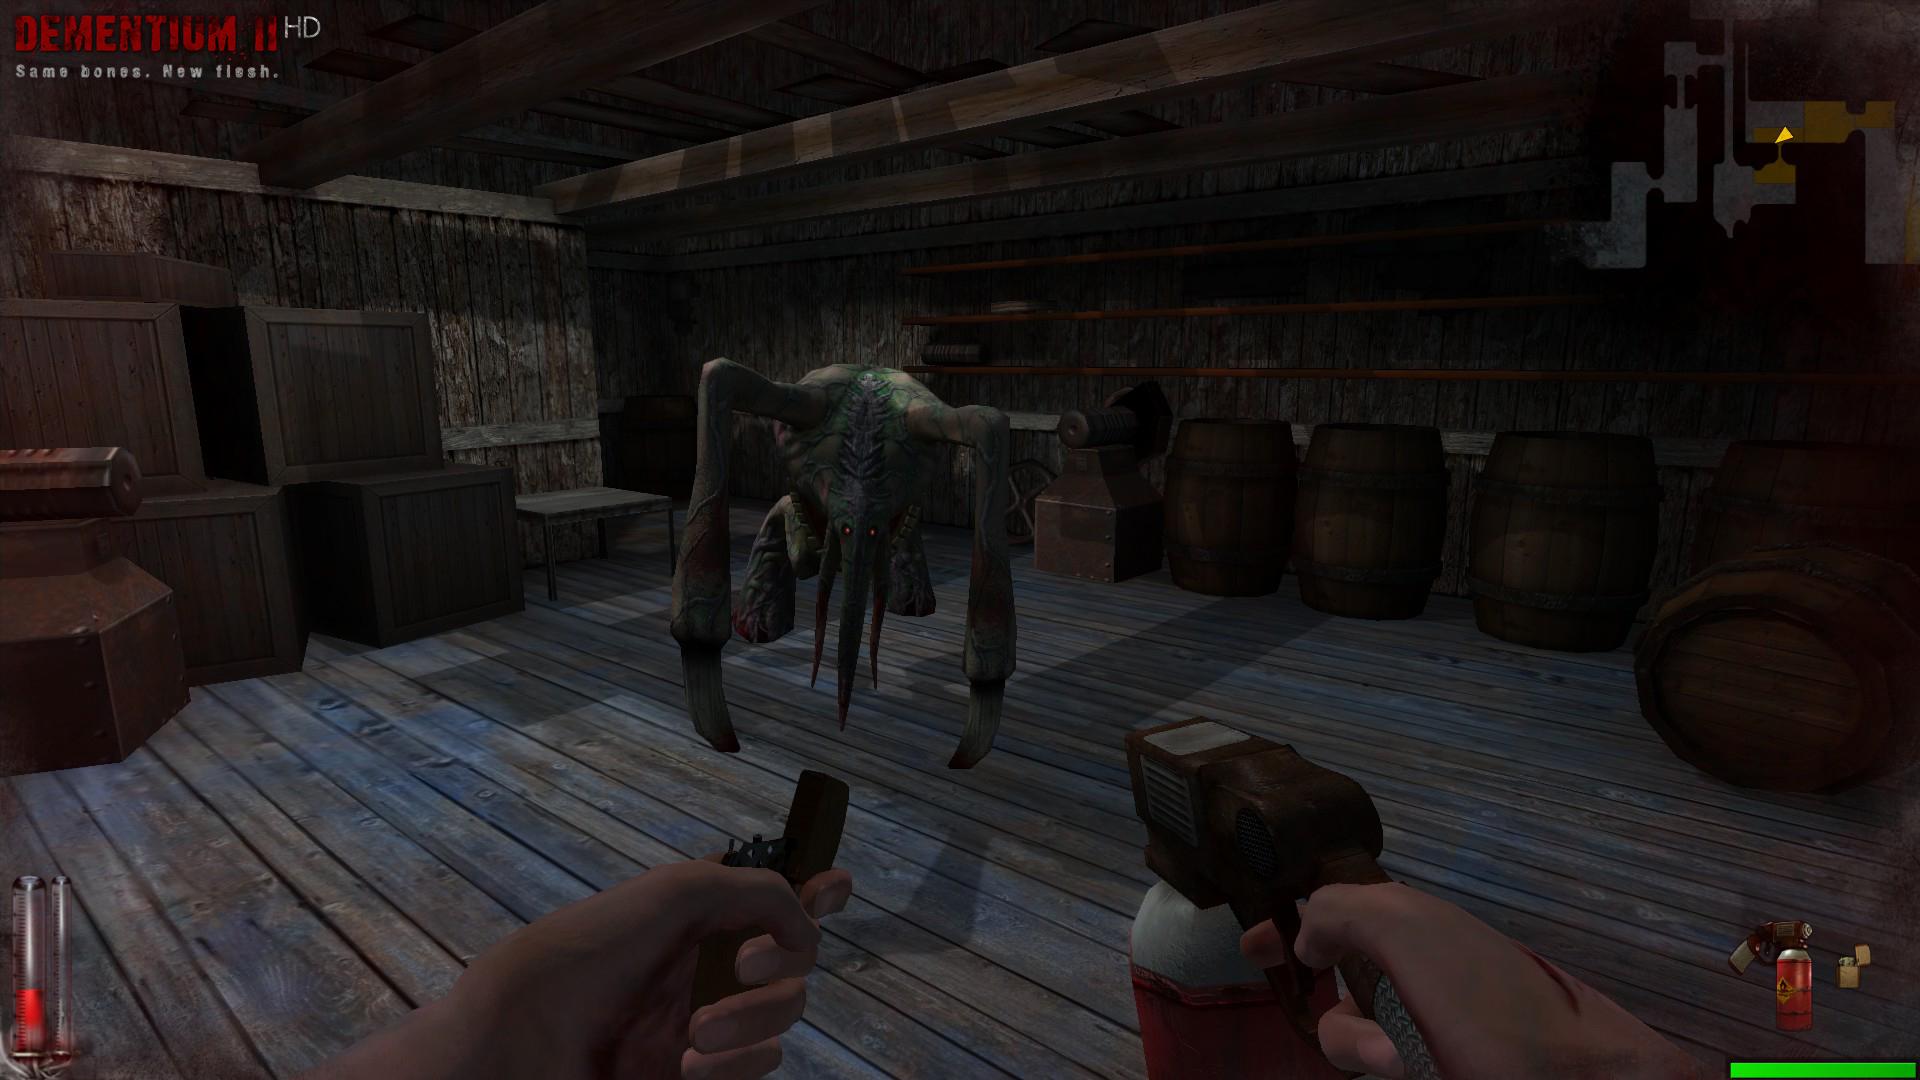 www.rarbg.com games download